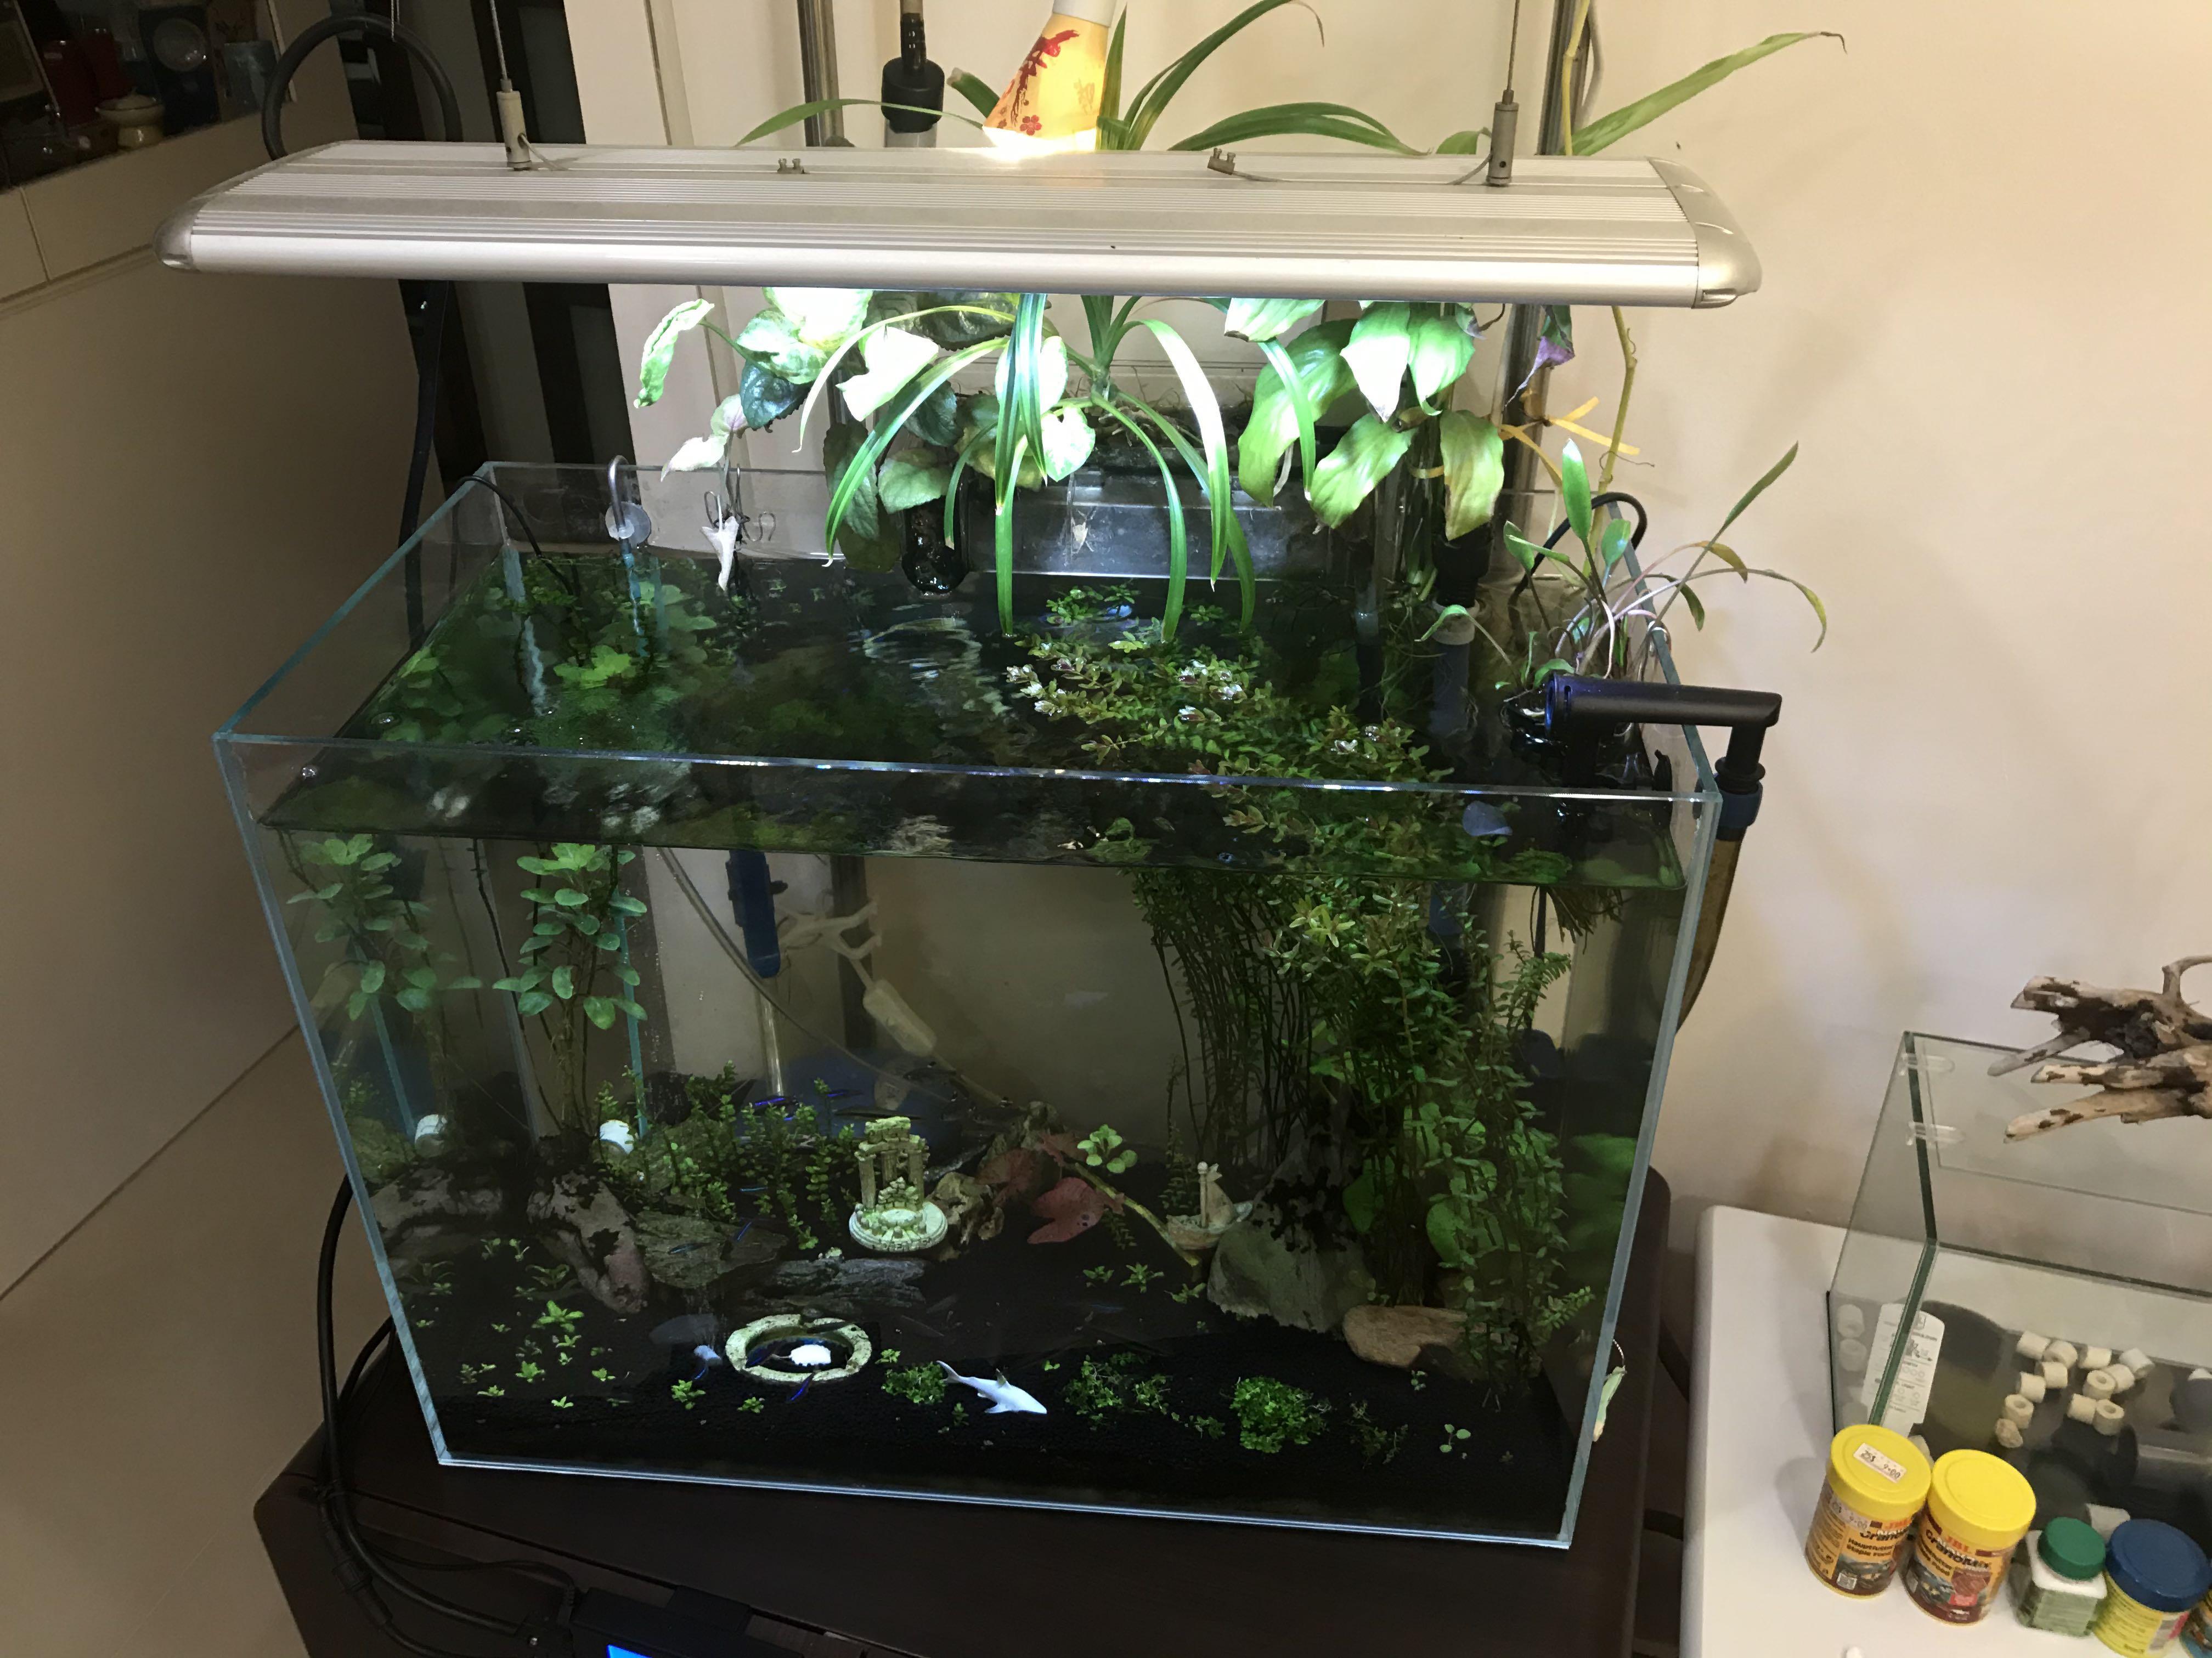 Fish Tank Set & Aquatic Plants